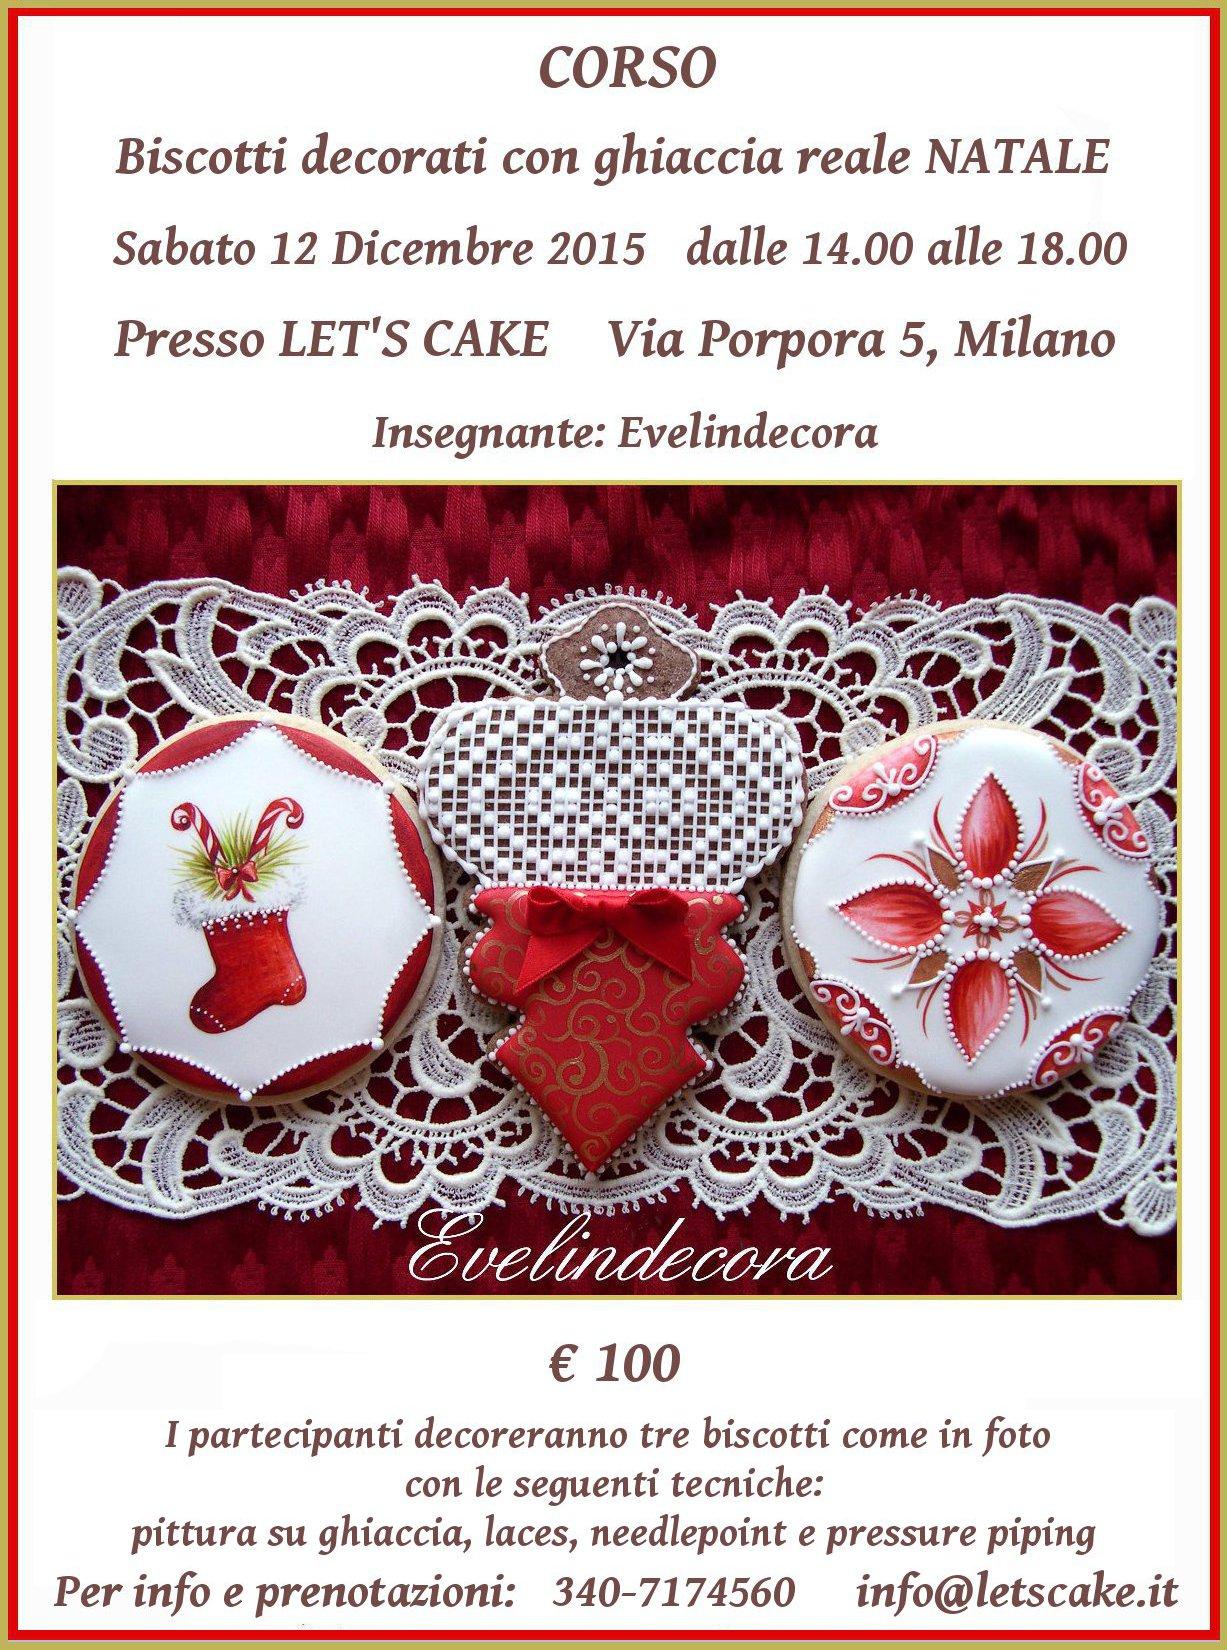 Natale biscotti decorati ghiaccia reale natale Ev elindecora Milano corso ghiaccia reale